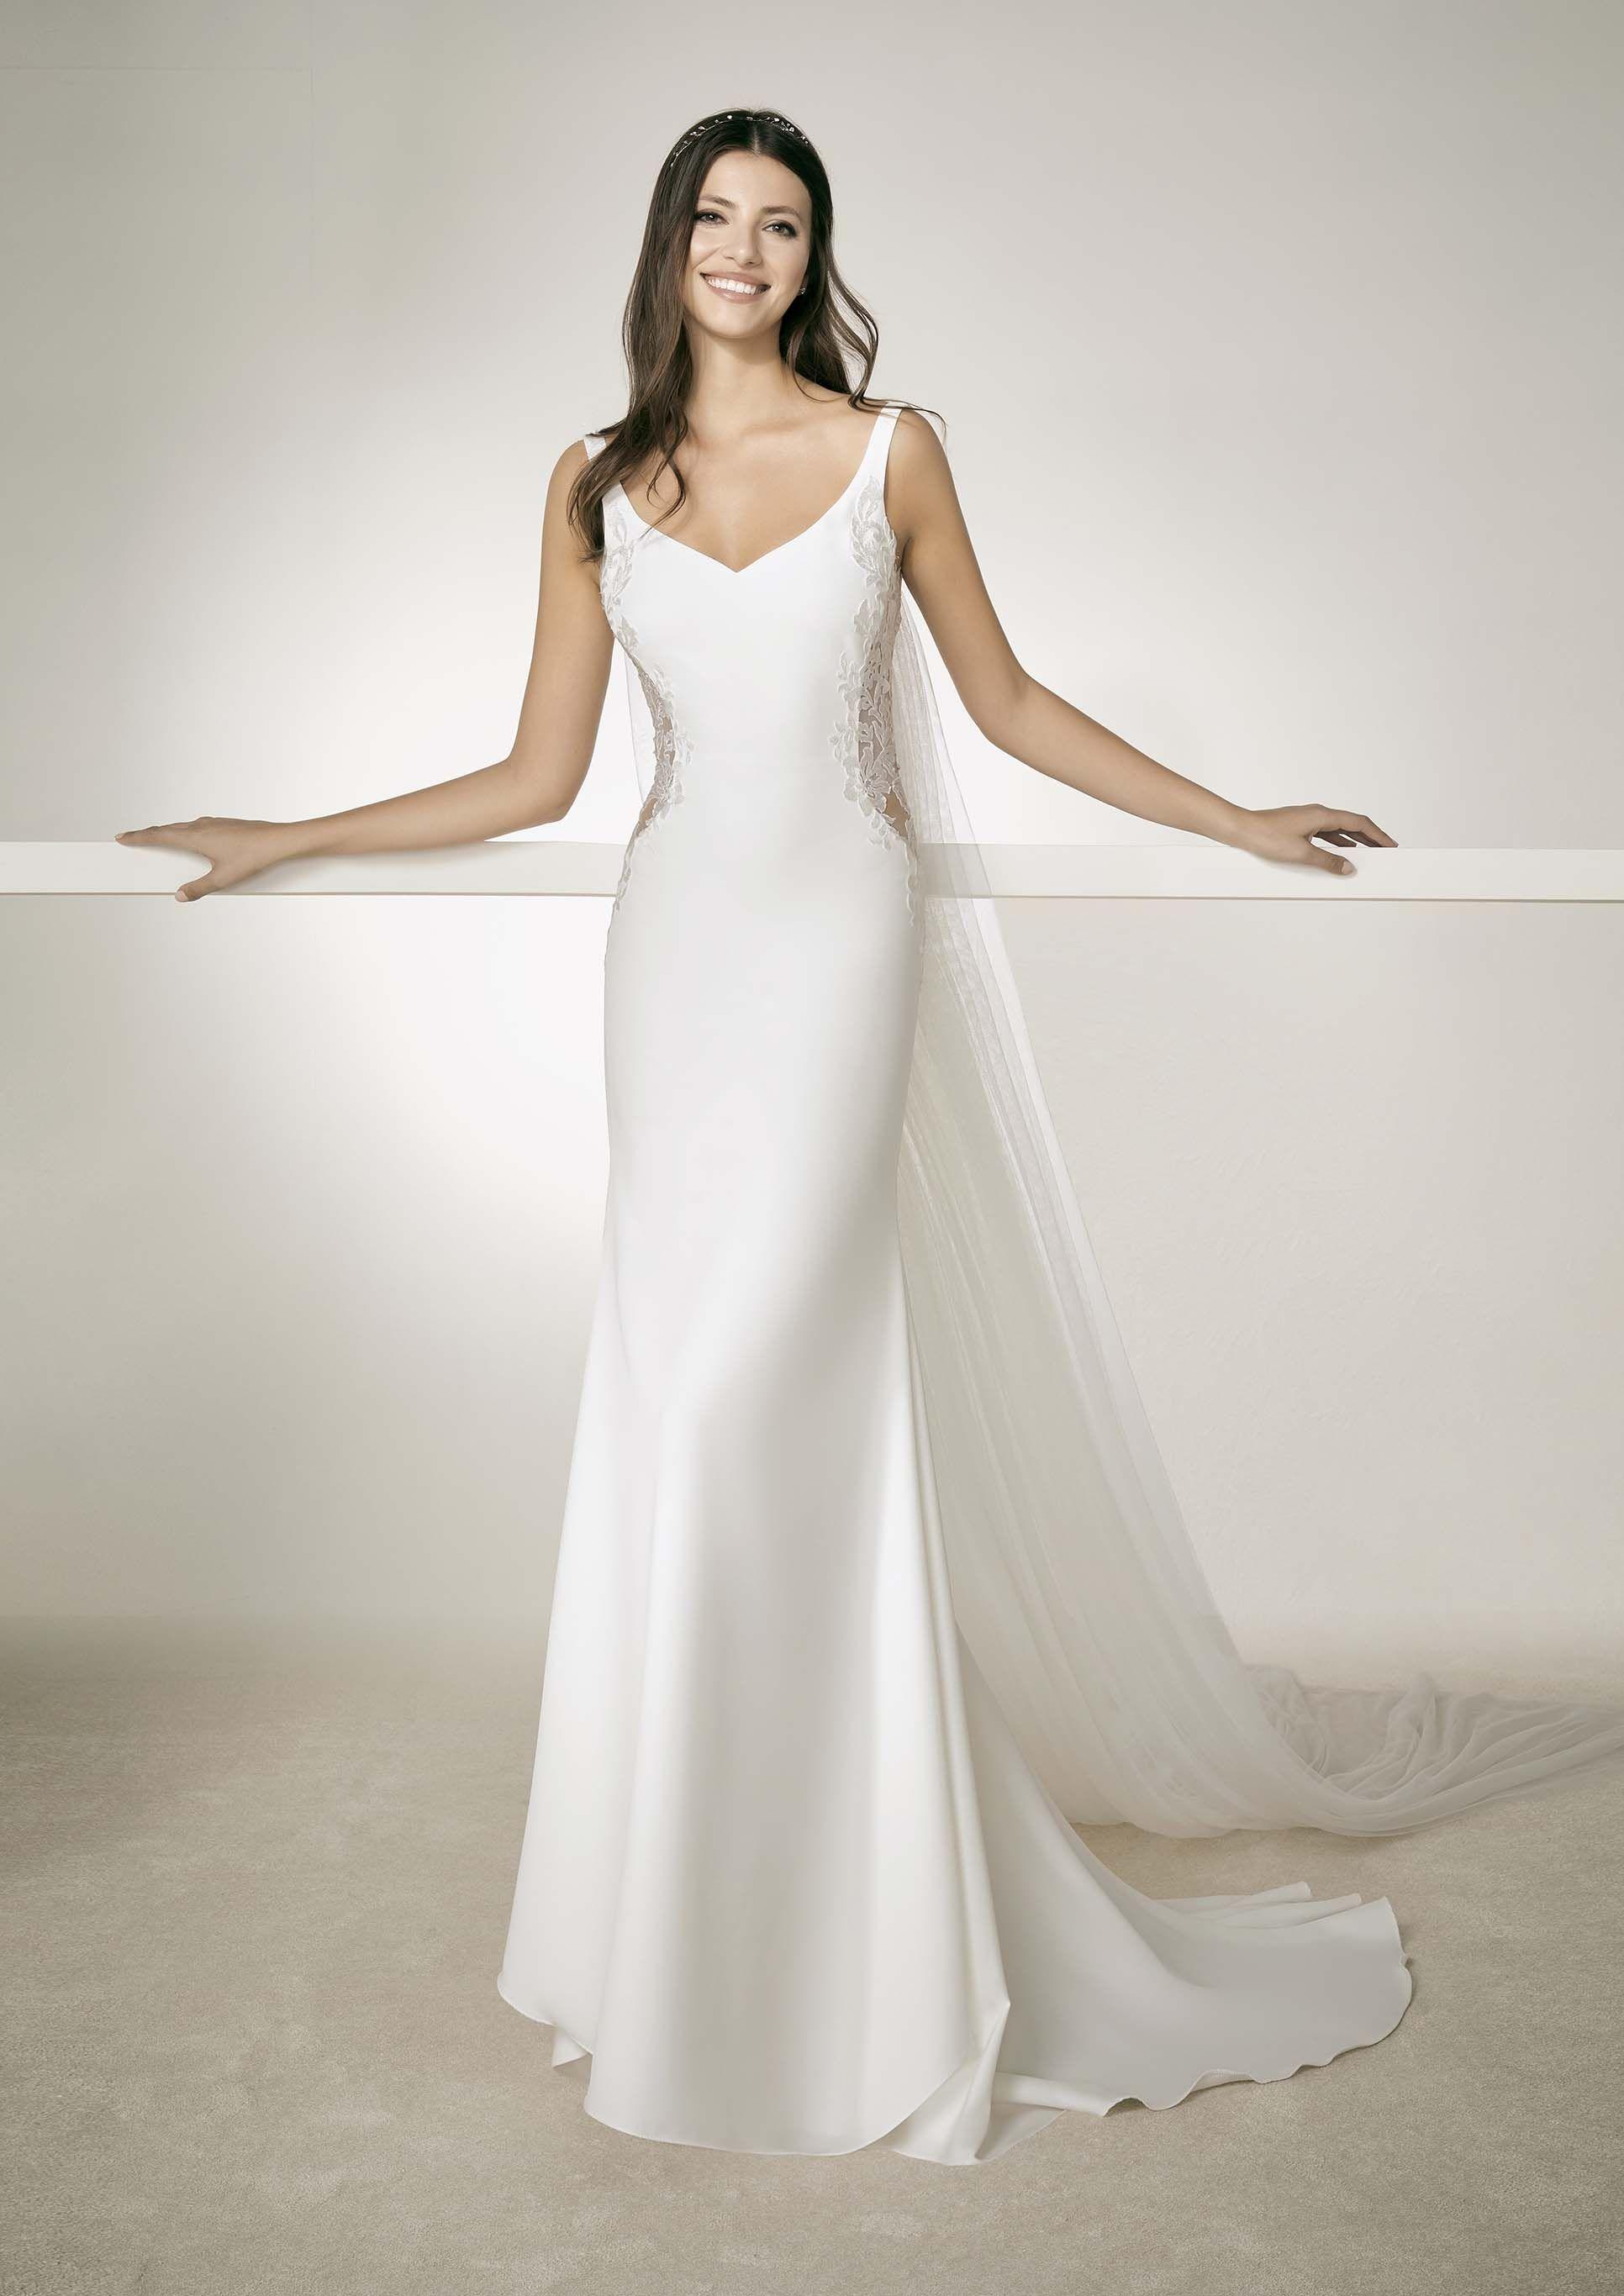 Whiteone Shak Betti B Kleid Hochzeit Weisse Hochzeitskleider Kleider